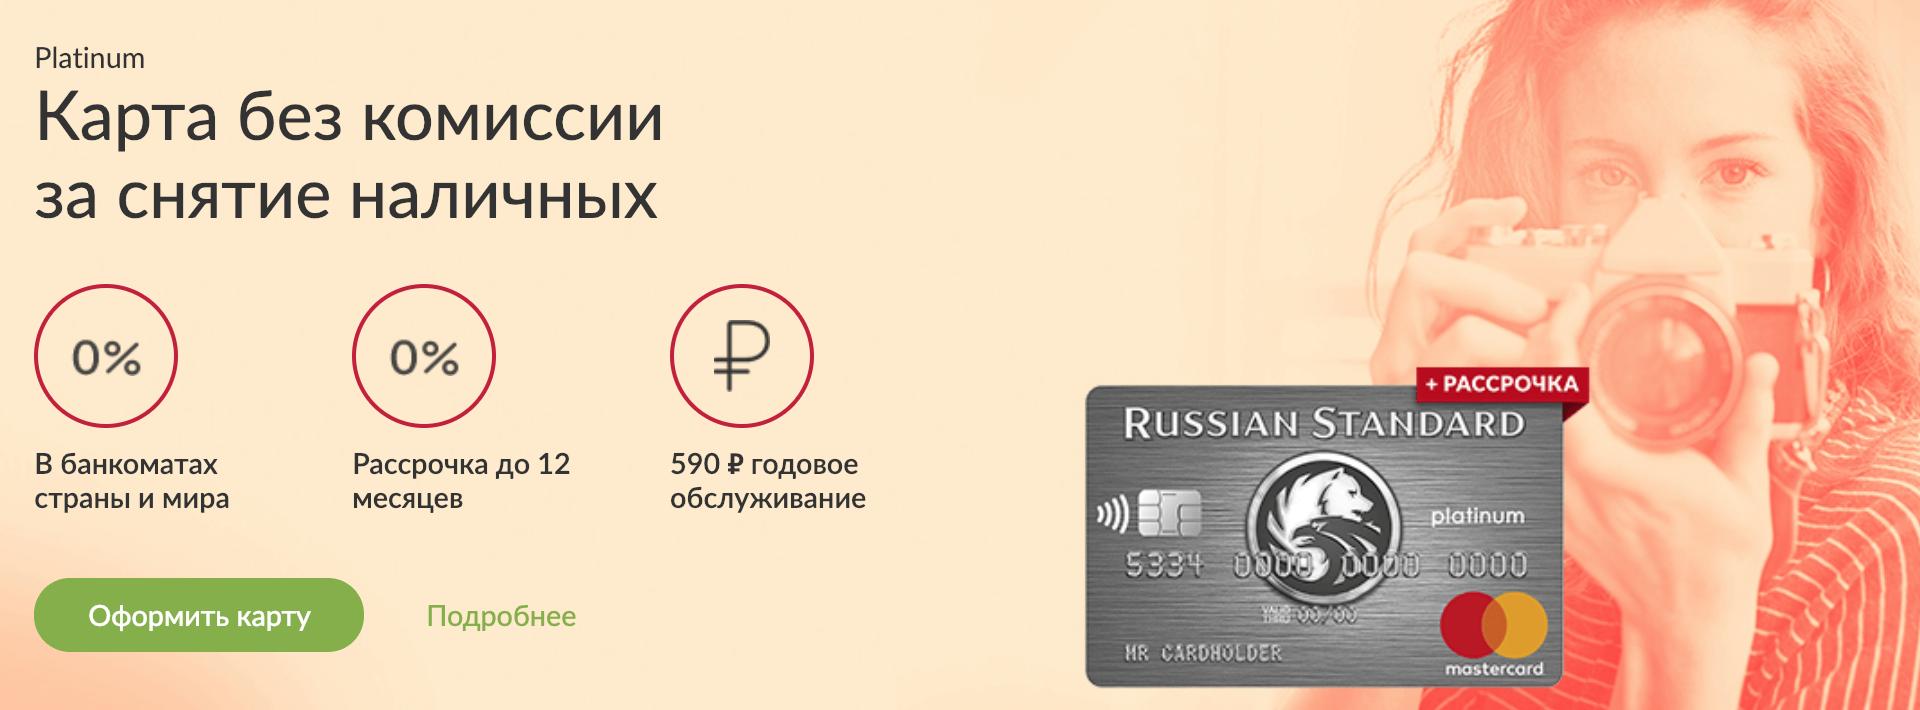 русский стандарт онлайн заявка на кредитную карту без справок и поручителей кредитная карта тинькофф платинум банка отзывы